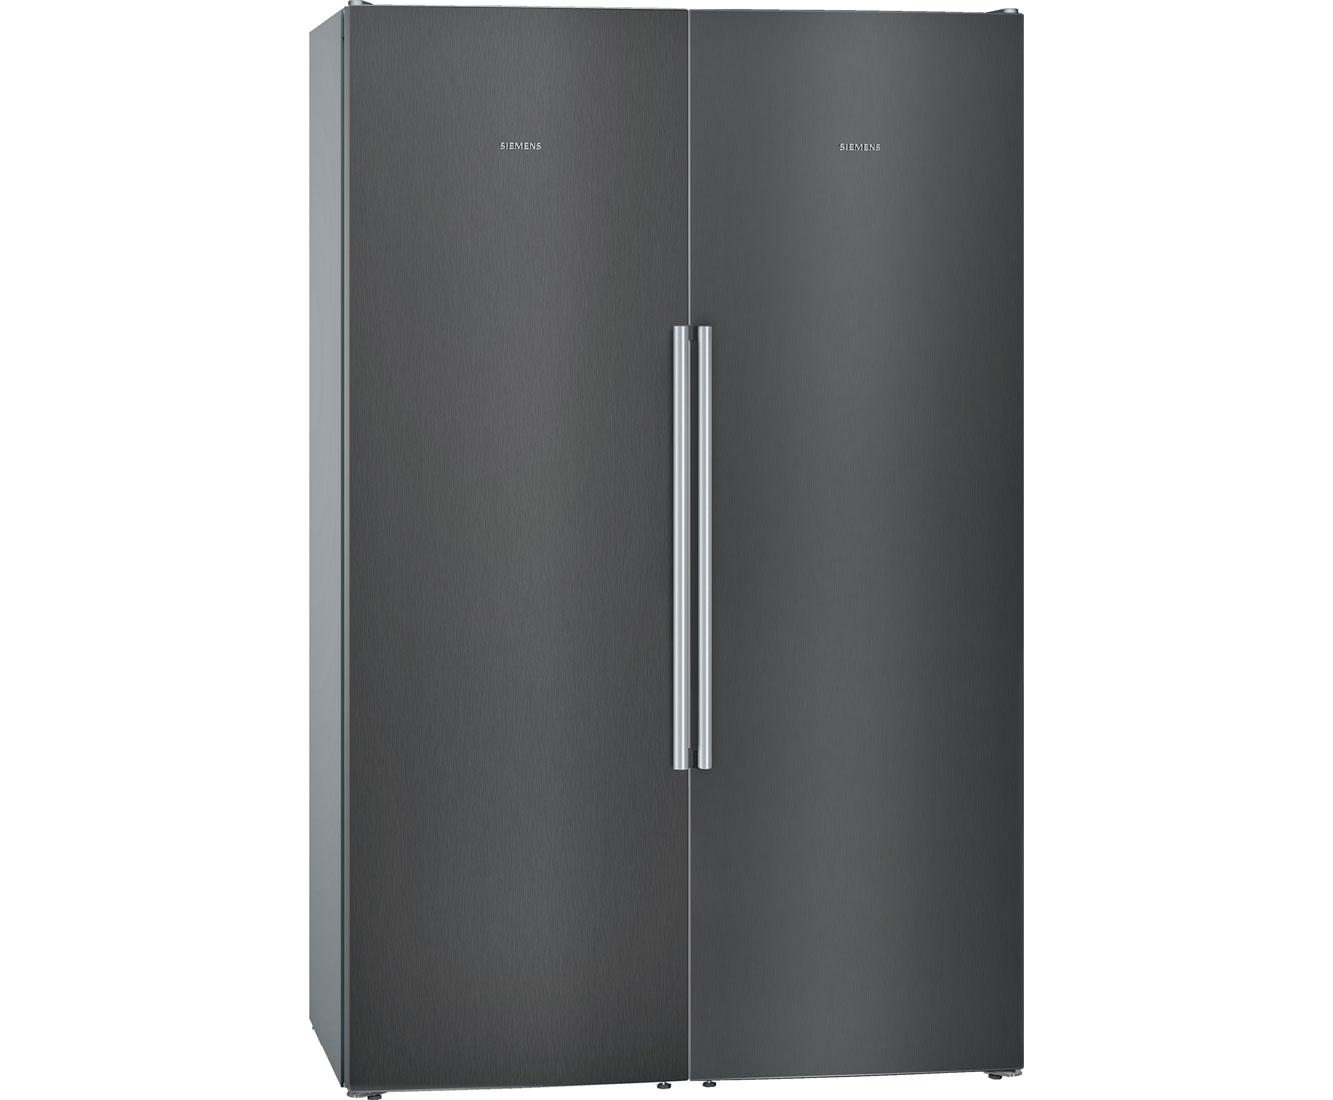 Side By Side Kühlschrank Conrad : Side by side kühlschrank preisvergleich u die besten angebote